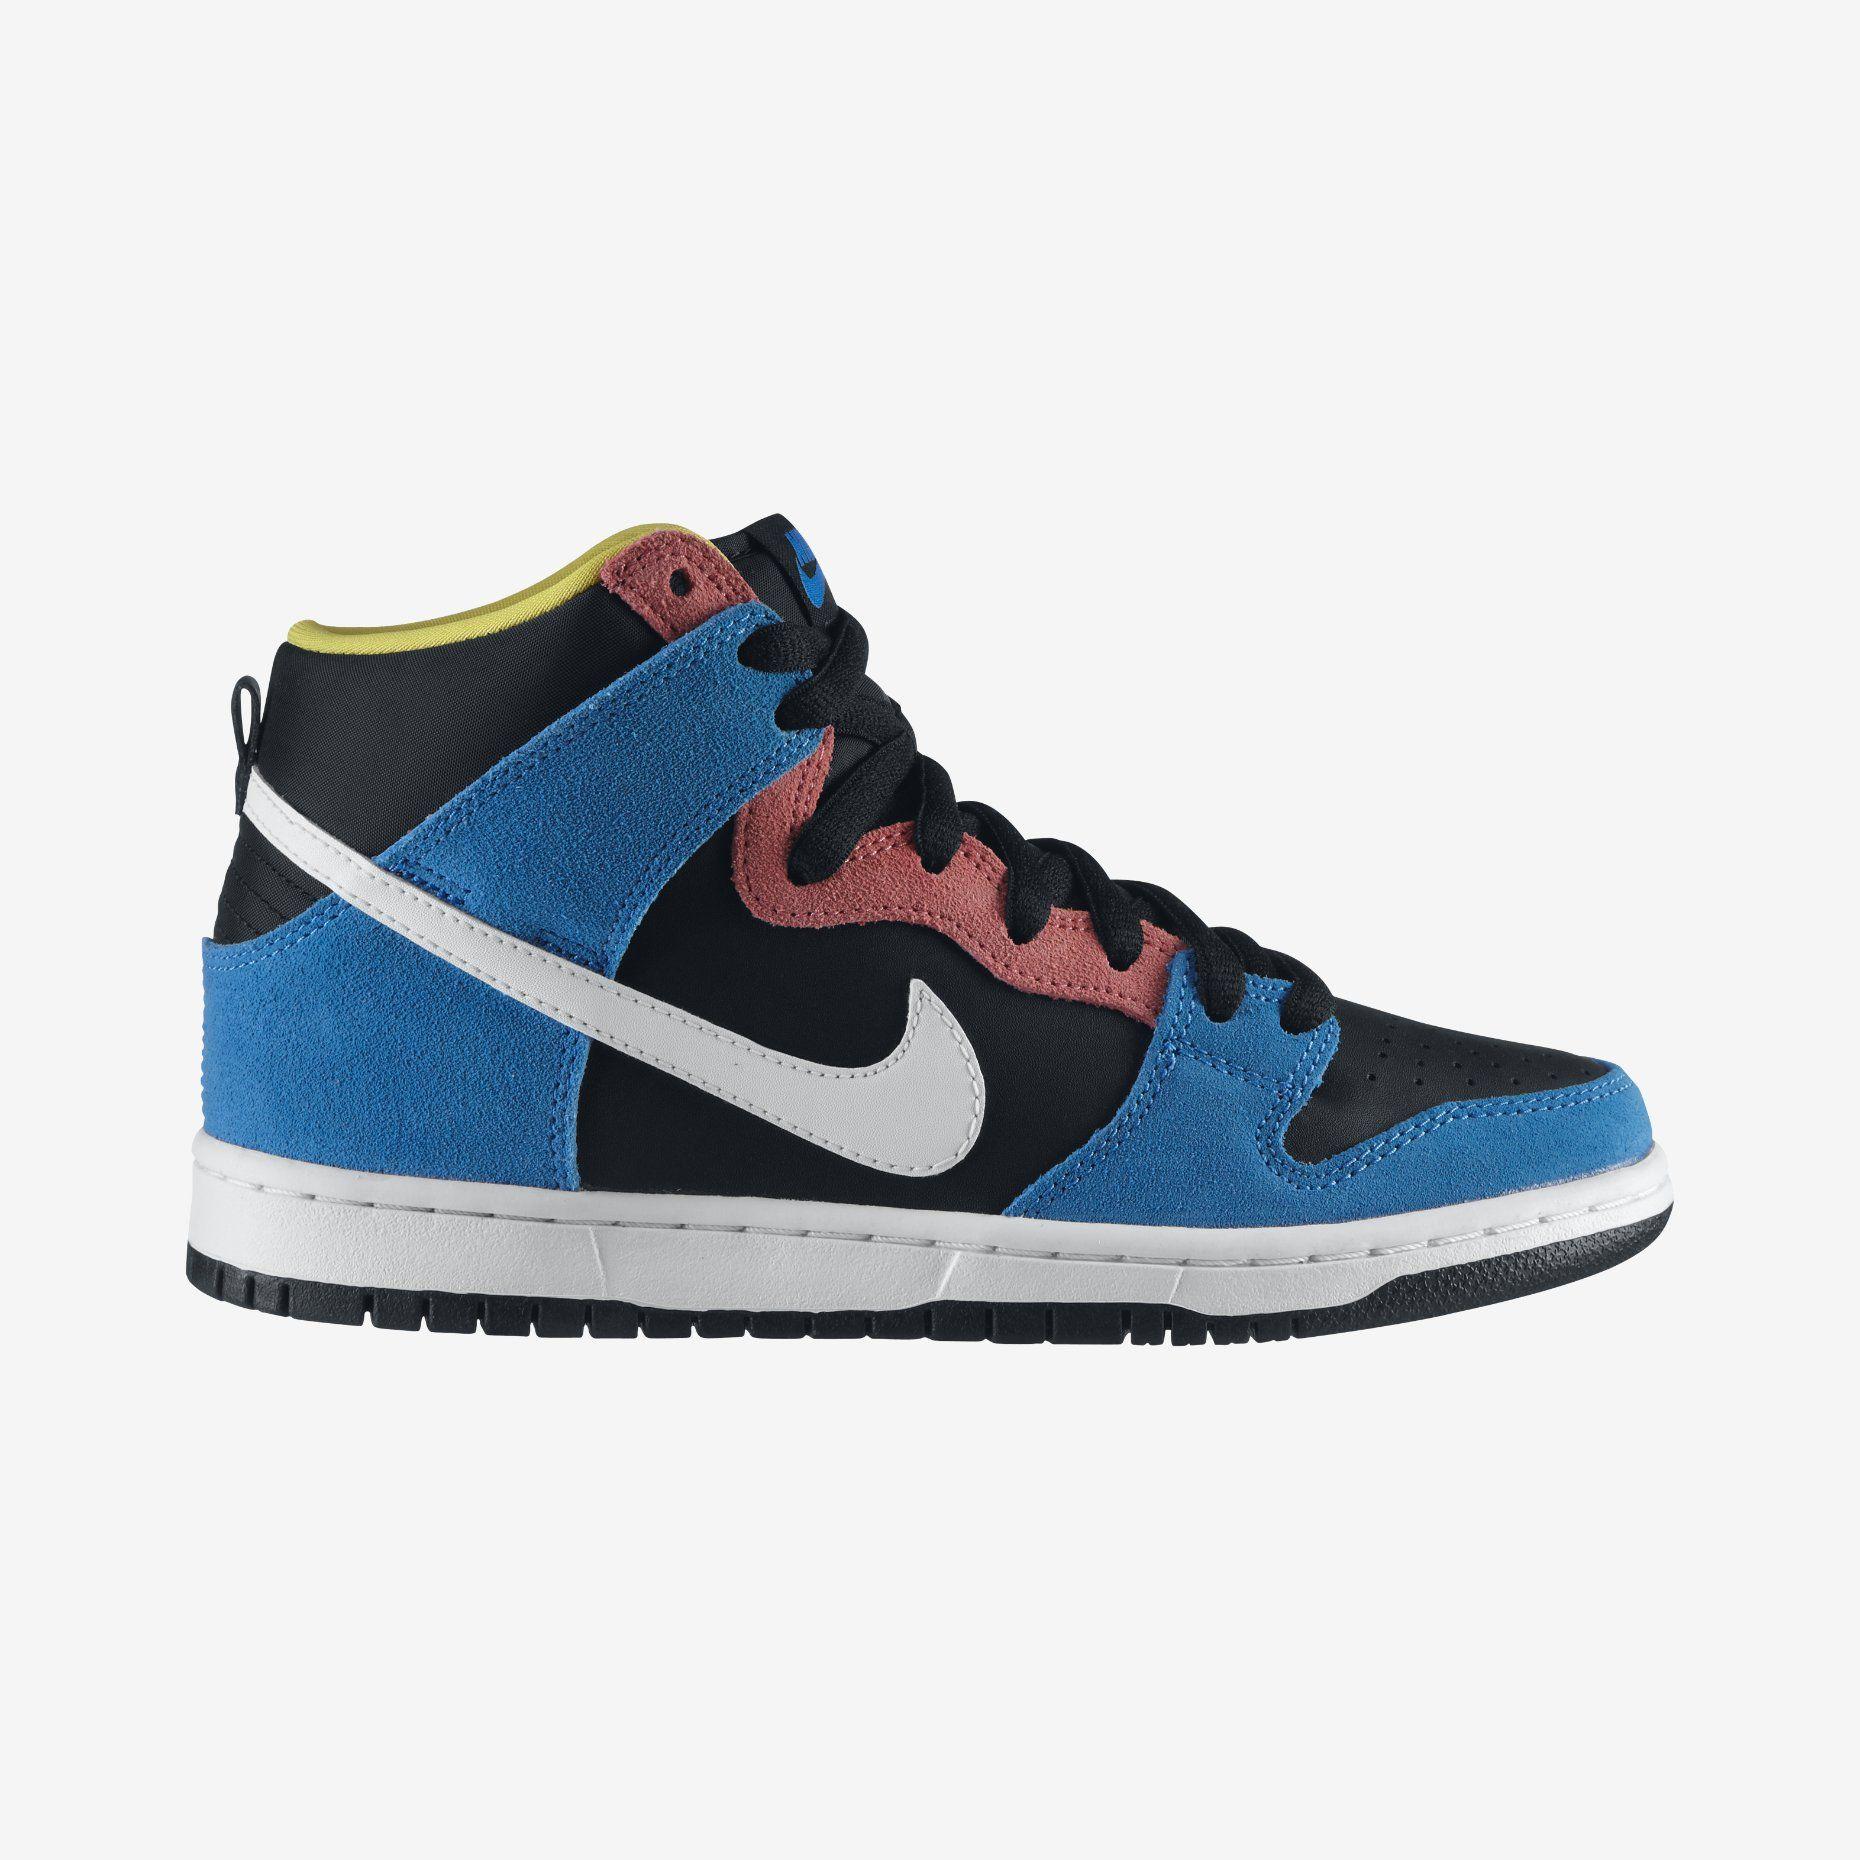 Nike Dunk High Pro SB Men's Shoe | Nike dunks, Shoes mens